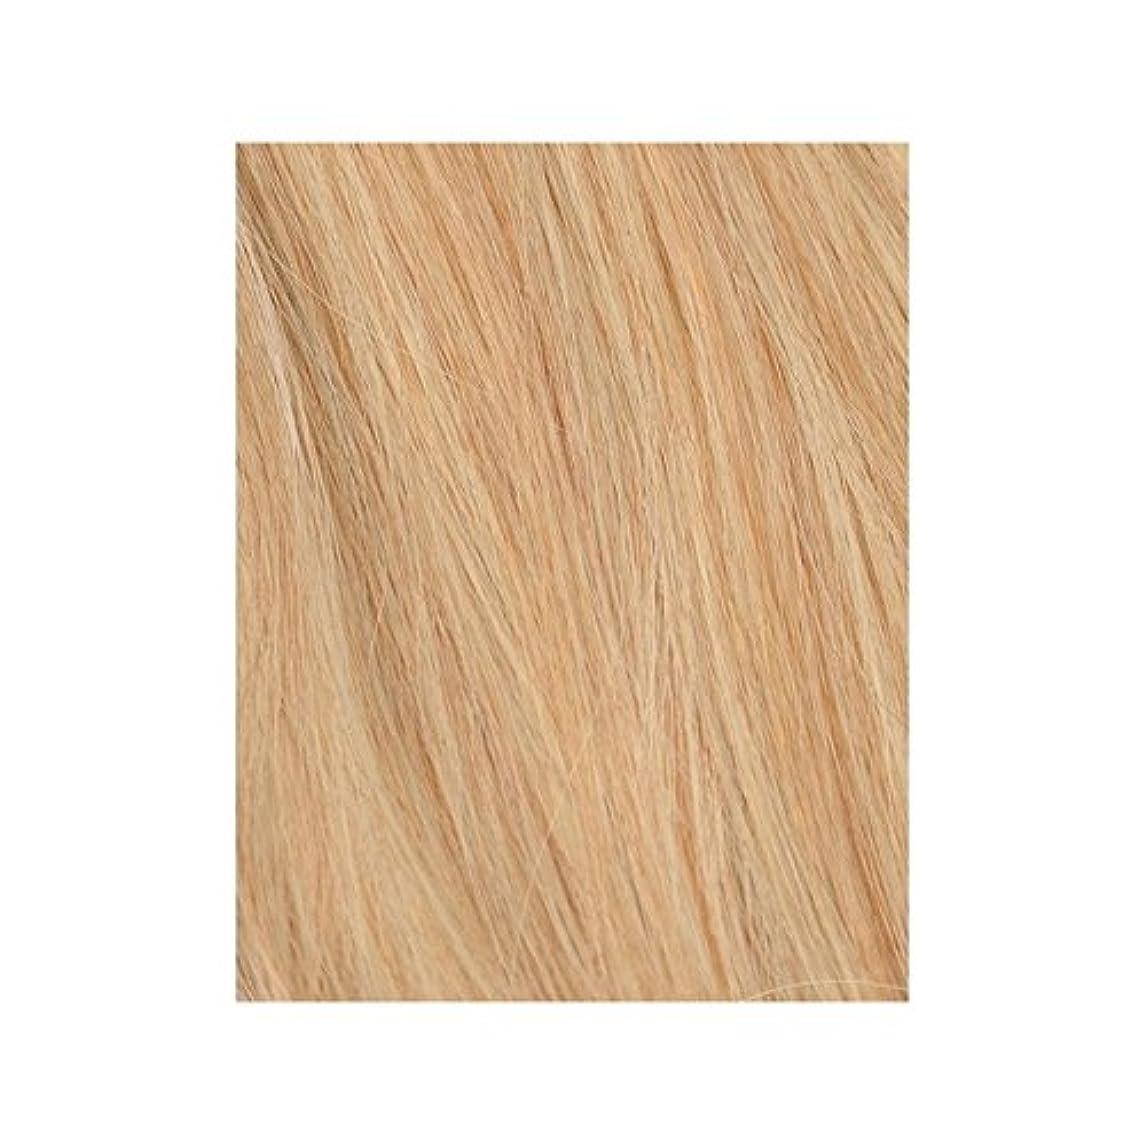 引退する宿るオーディションBeauty Works 100% Remy Colour Swatch Hair Extension - Boho Blonde 613/27 (Pack of 6) - 自由奔放に生きる金髪27分の613 - 美しさは、100%レミーの色見本ヘアエクステンションの作品 x6 [並行輸入品]